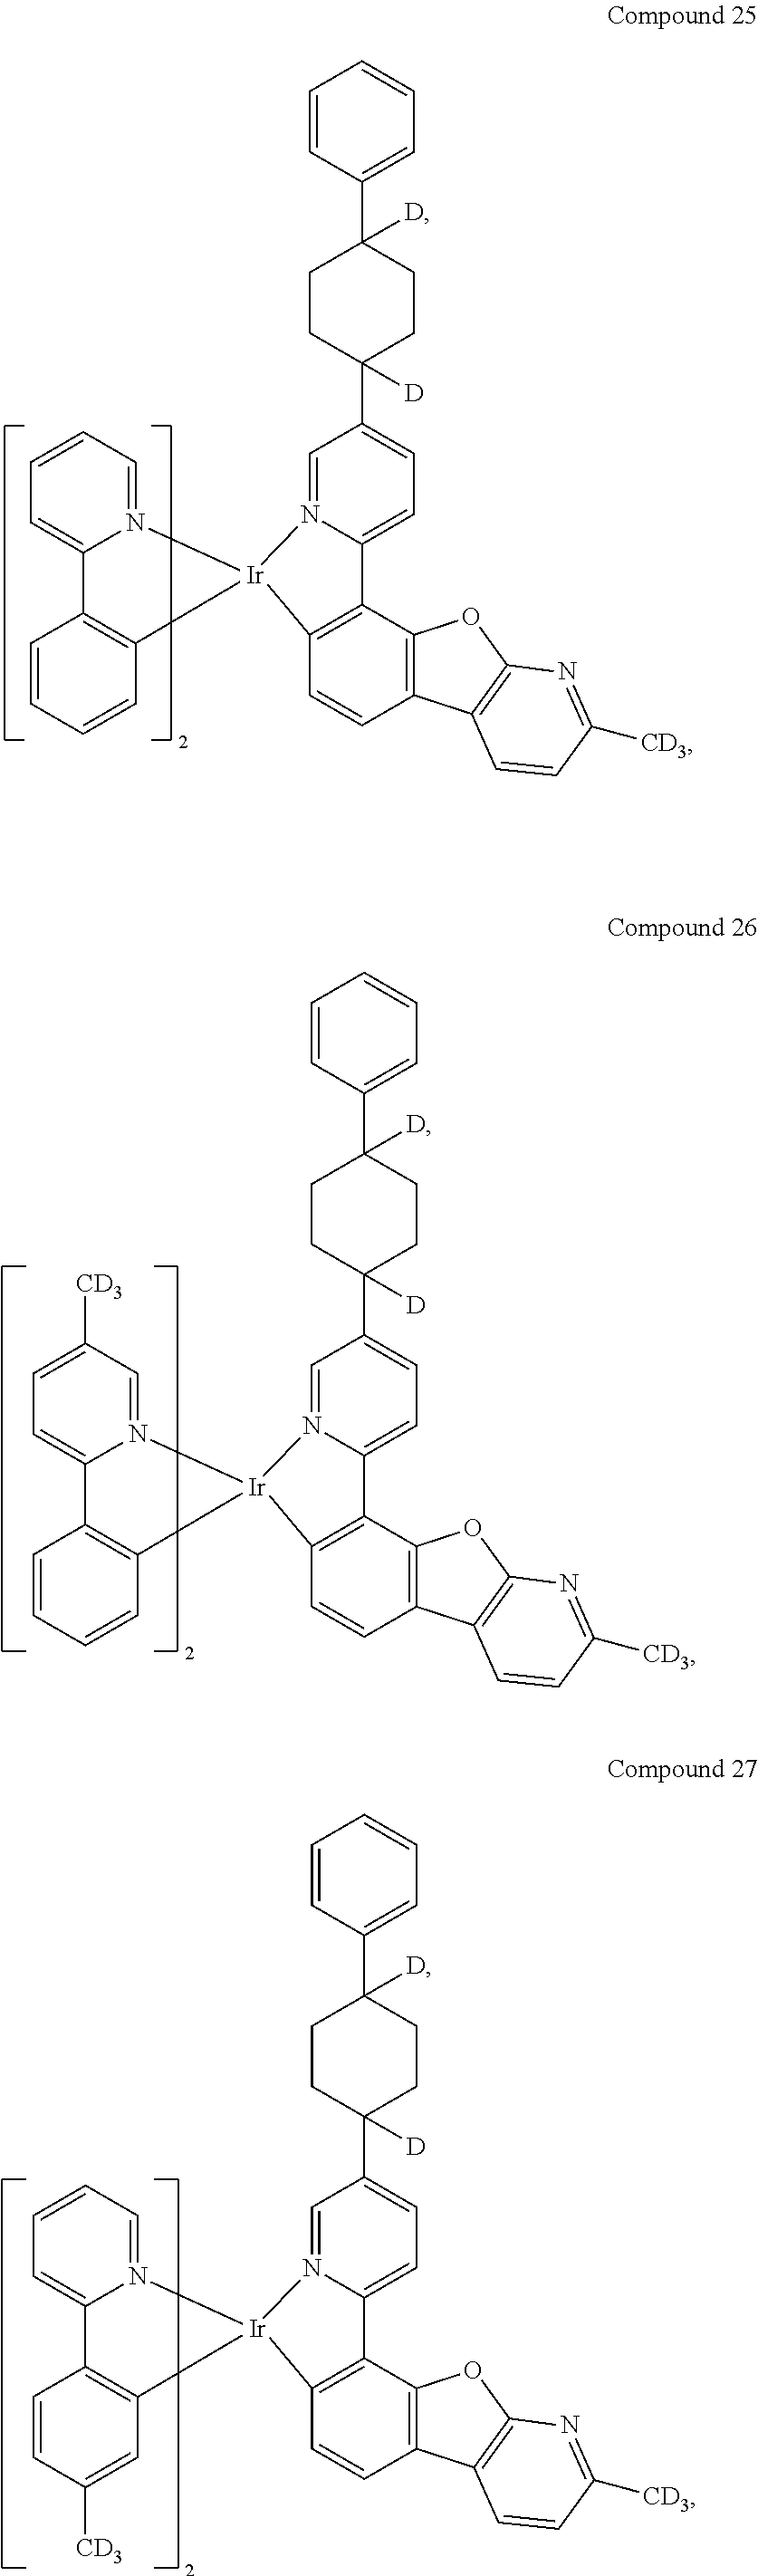 Figure US20180076393A1-20180315-C00162